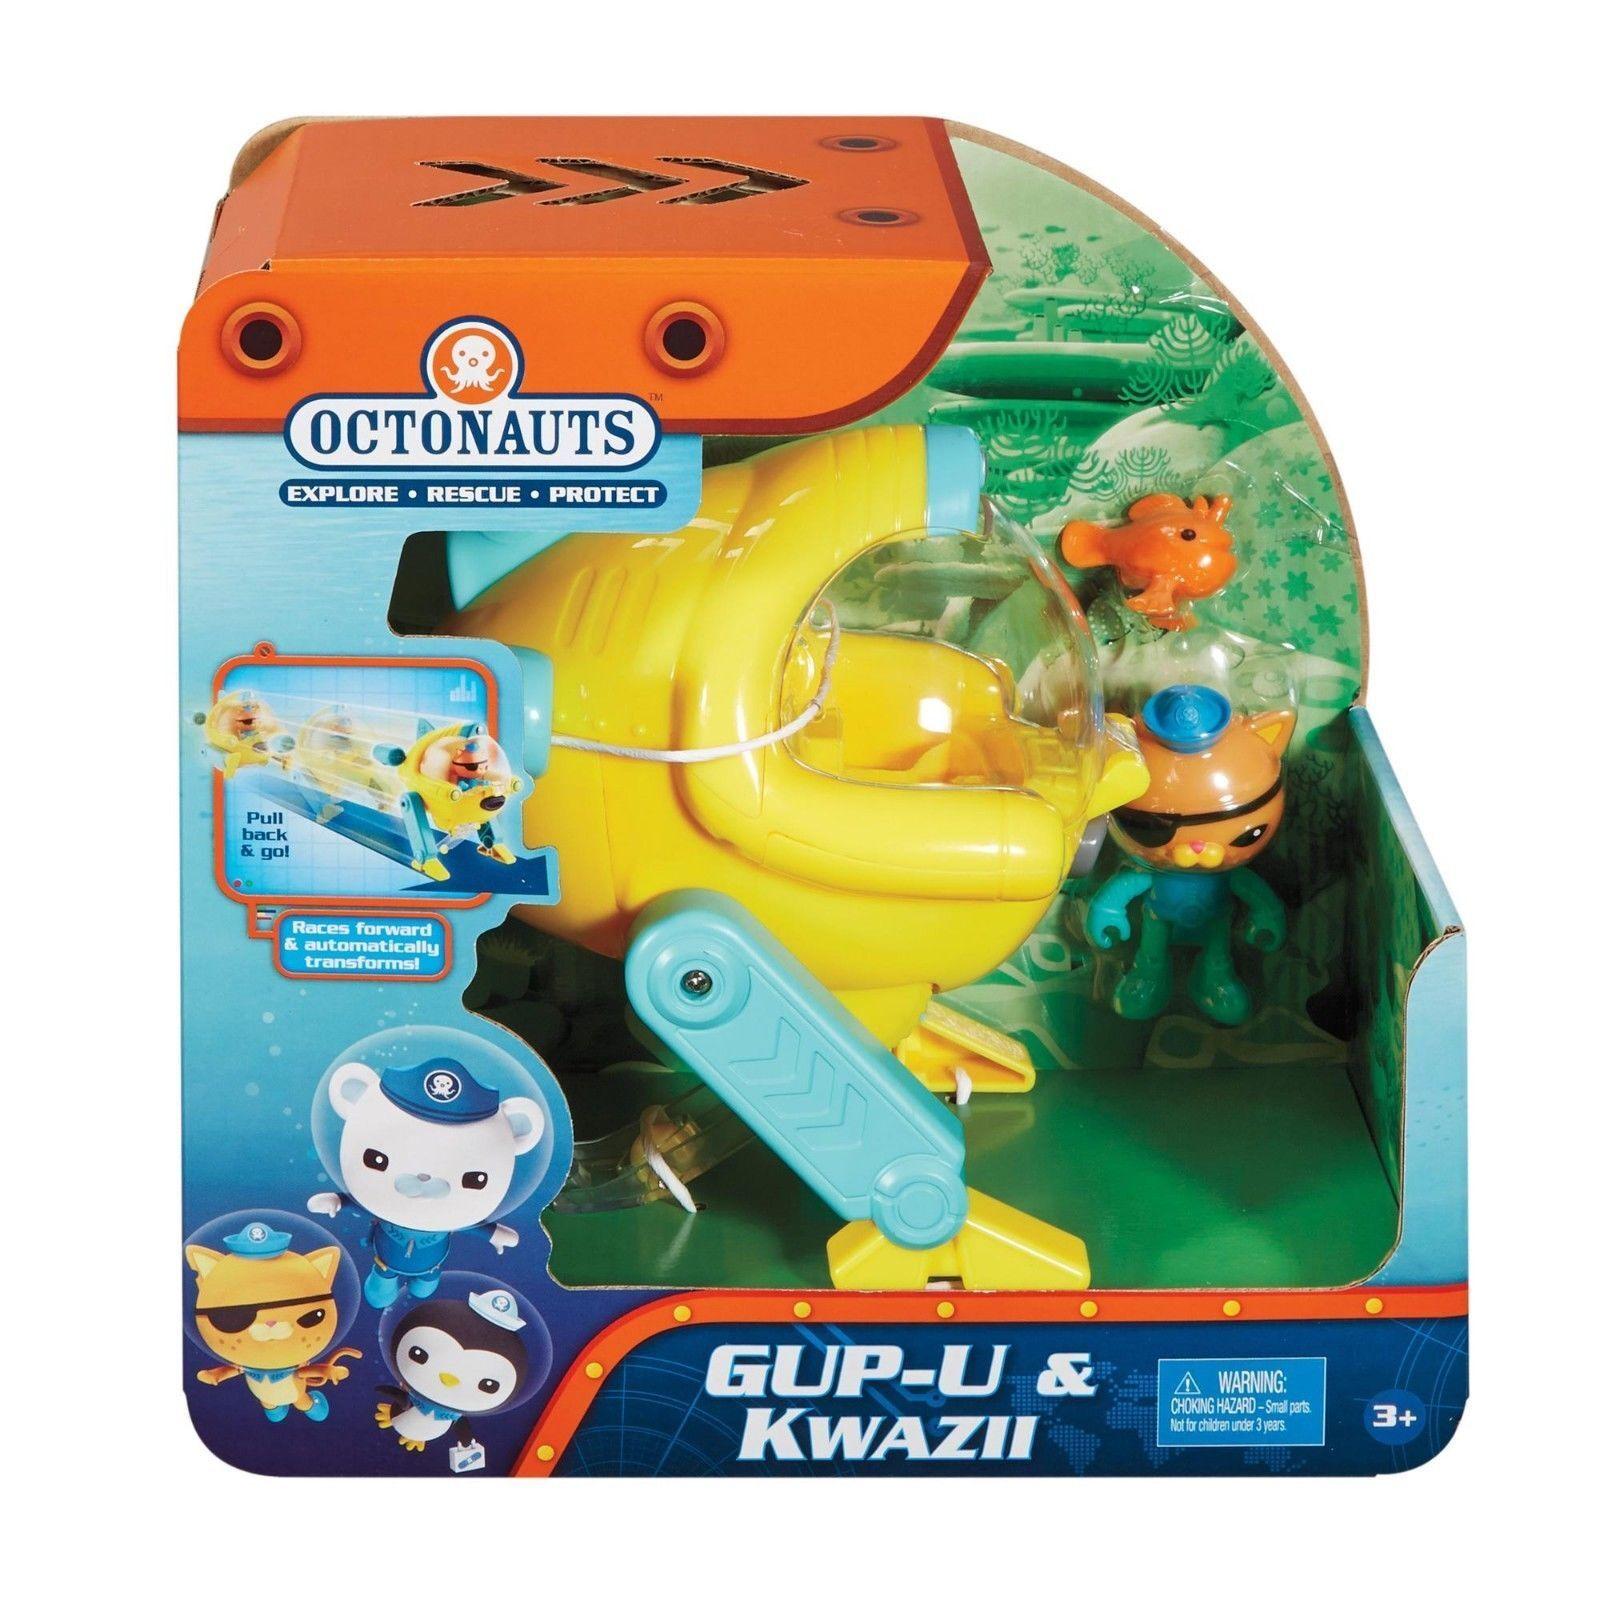 Fisher-Price Fisher Price Octonauts Gup-U & Kwazii Toy